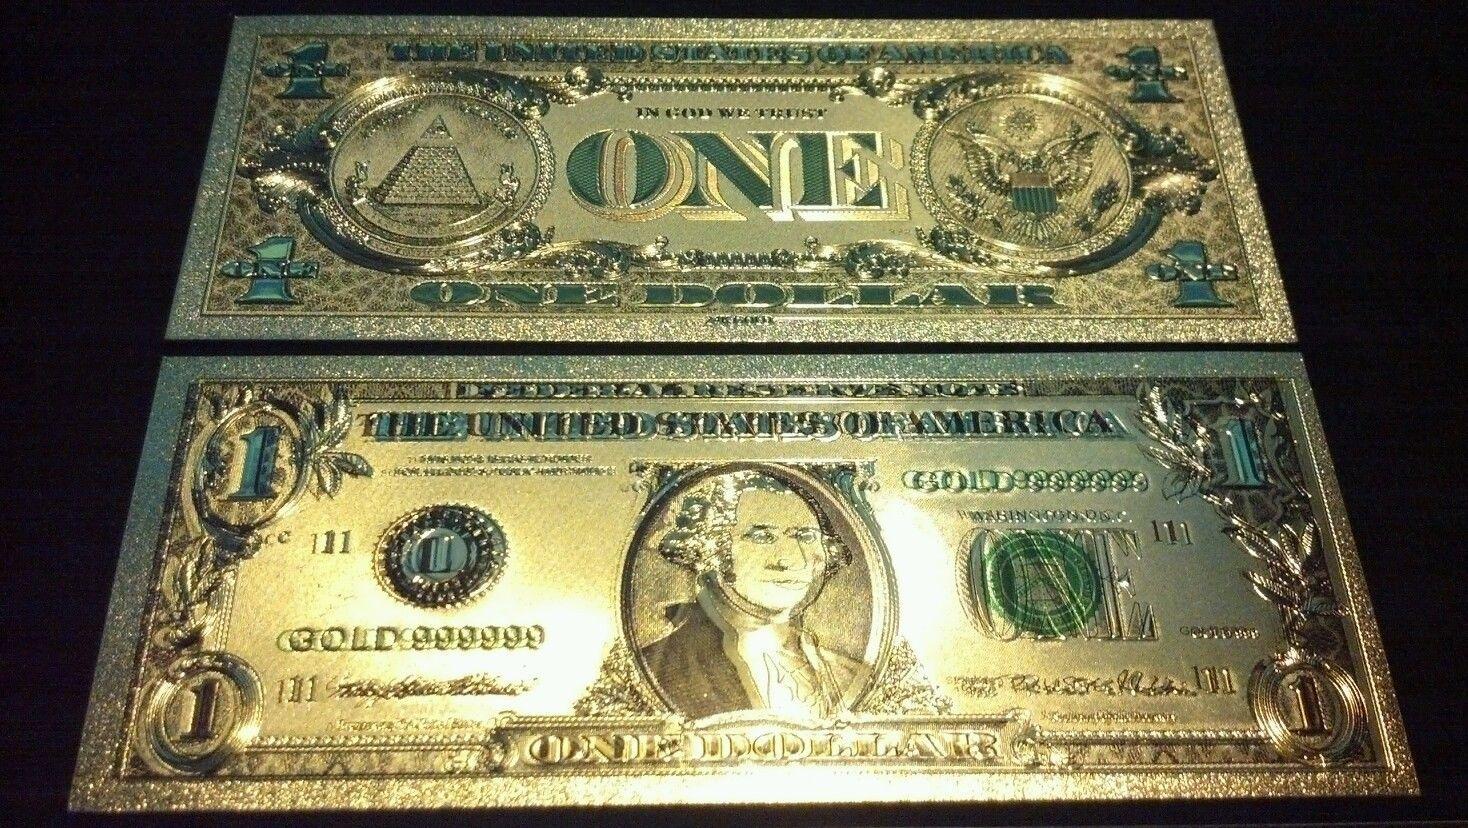 ~FR /<RAISED DETAIL/>COLLECTIBLE SET W//C.O.A $1B$1M//$100K//$10K//$5K//$1K//$500